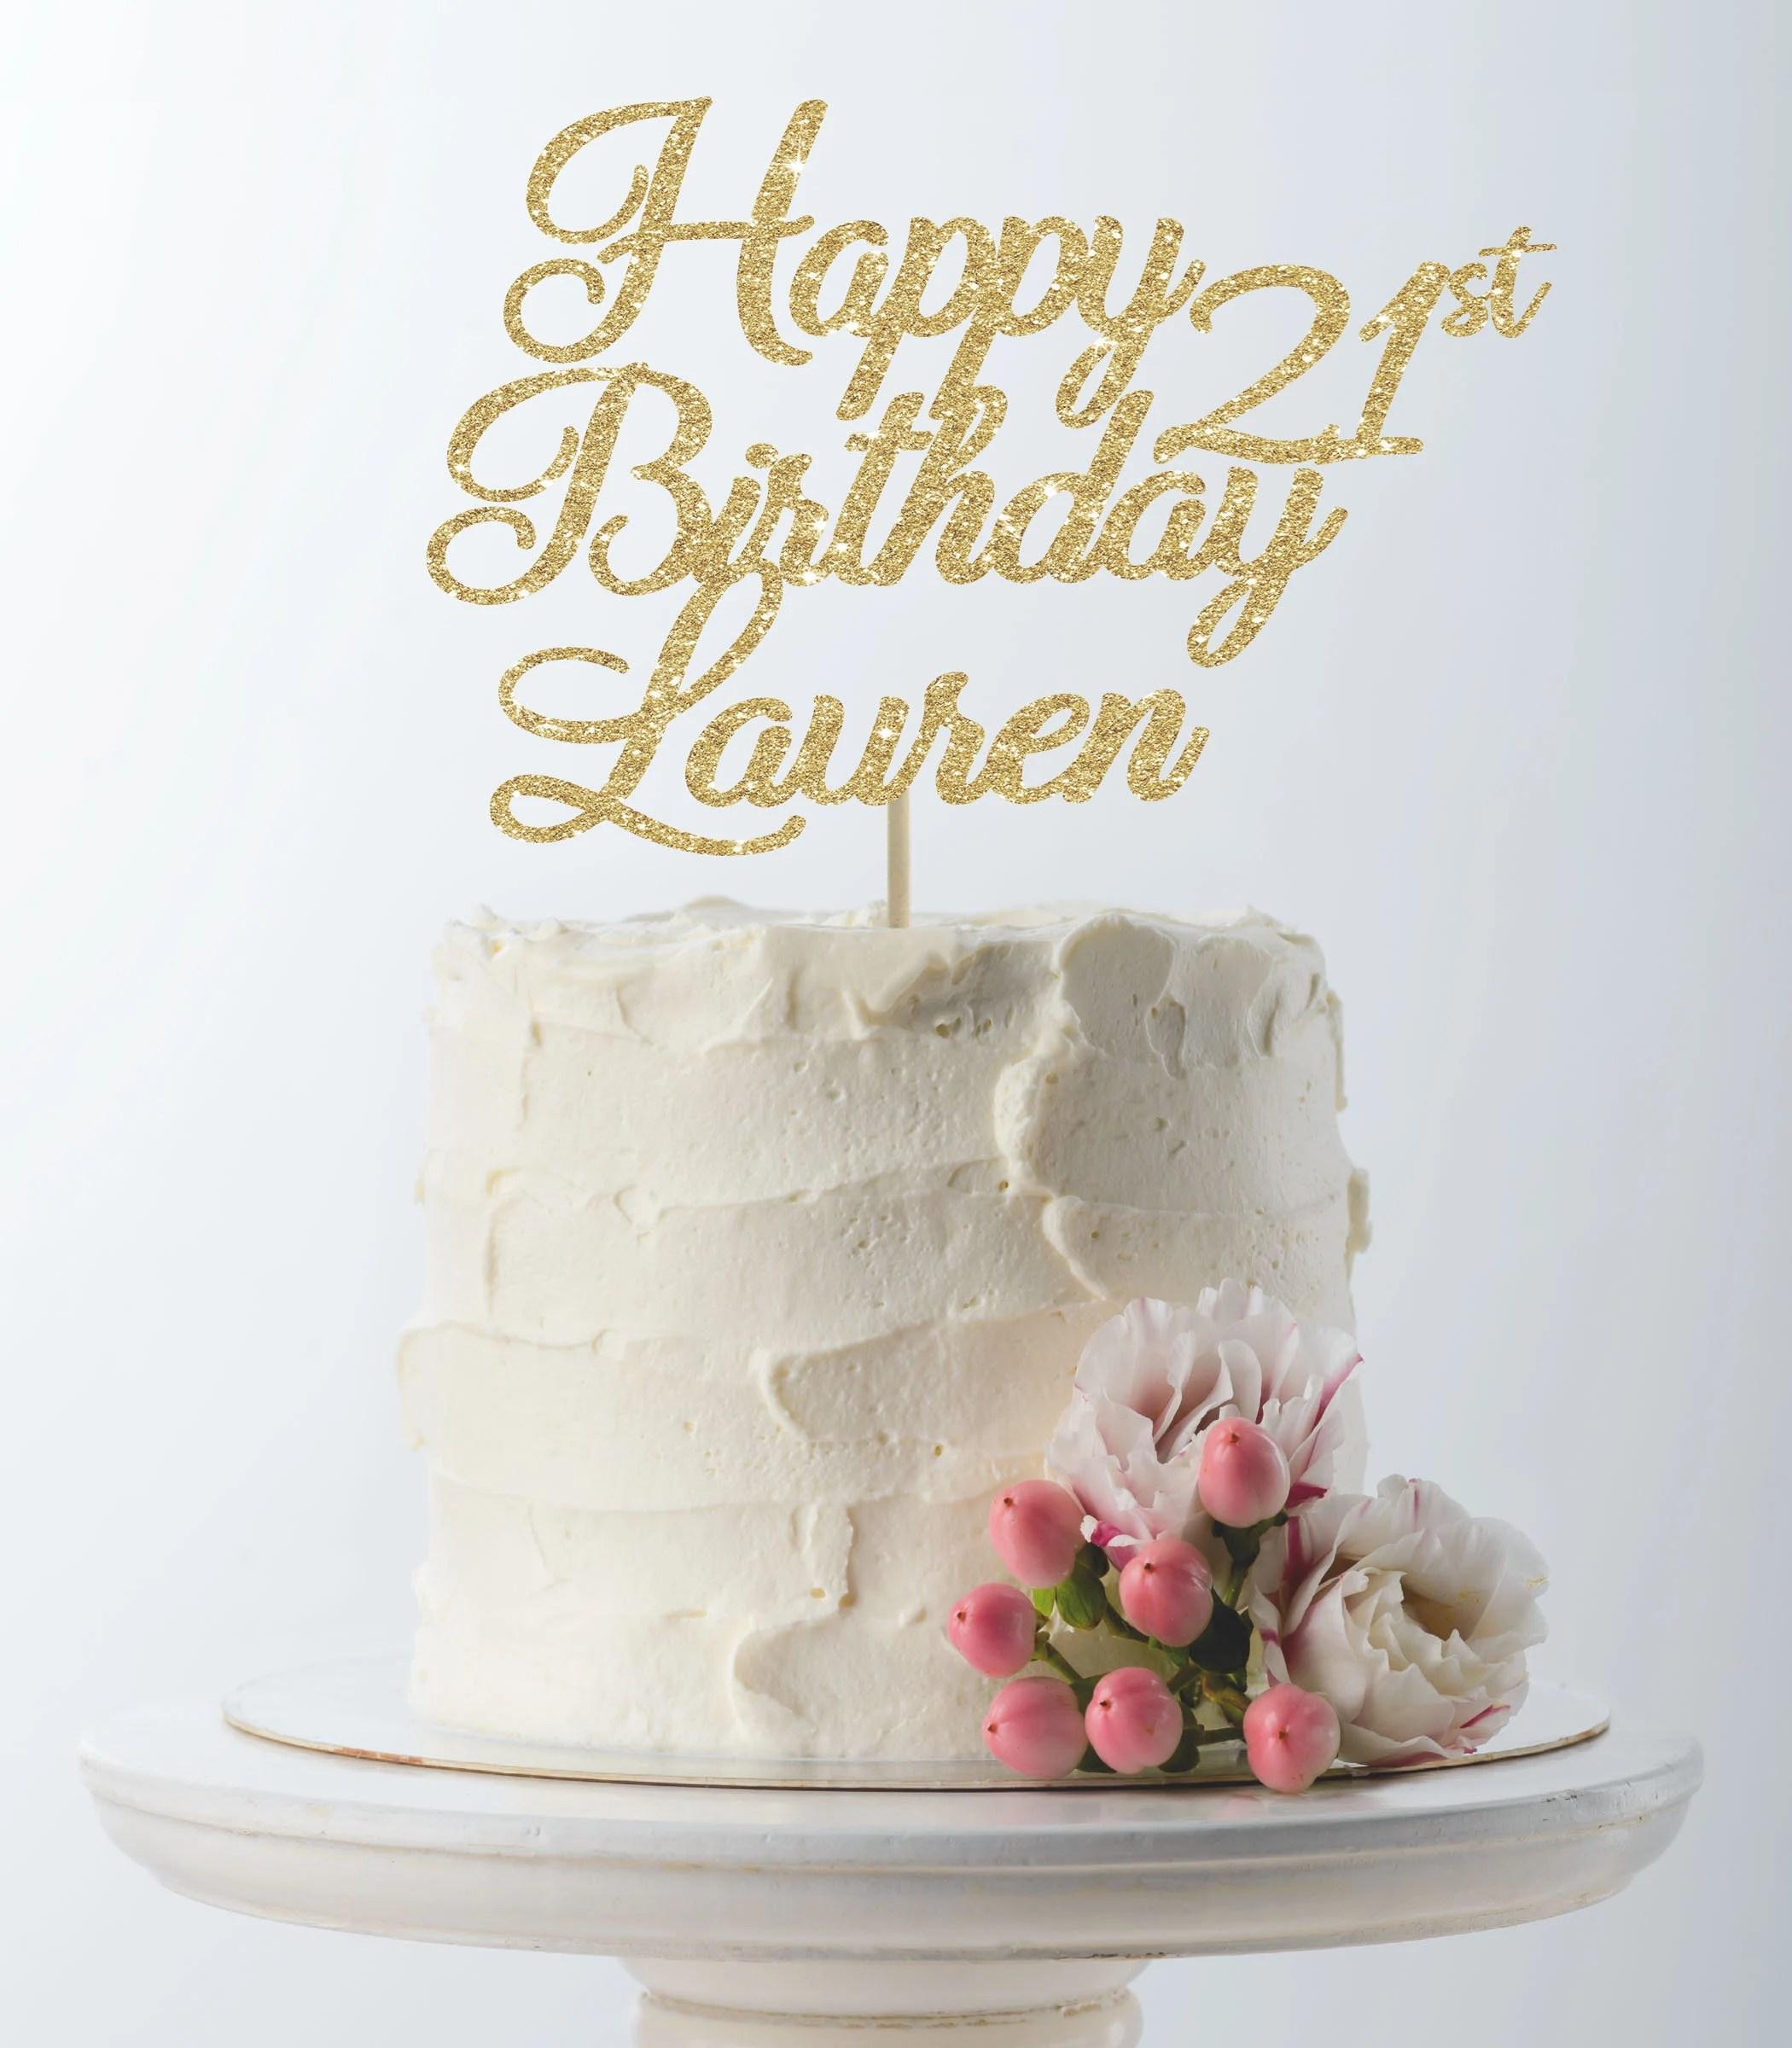 Happy Birthday Cake Topper 21st Birthday Custom Cake Topper Etsy